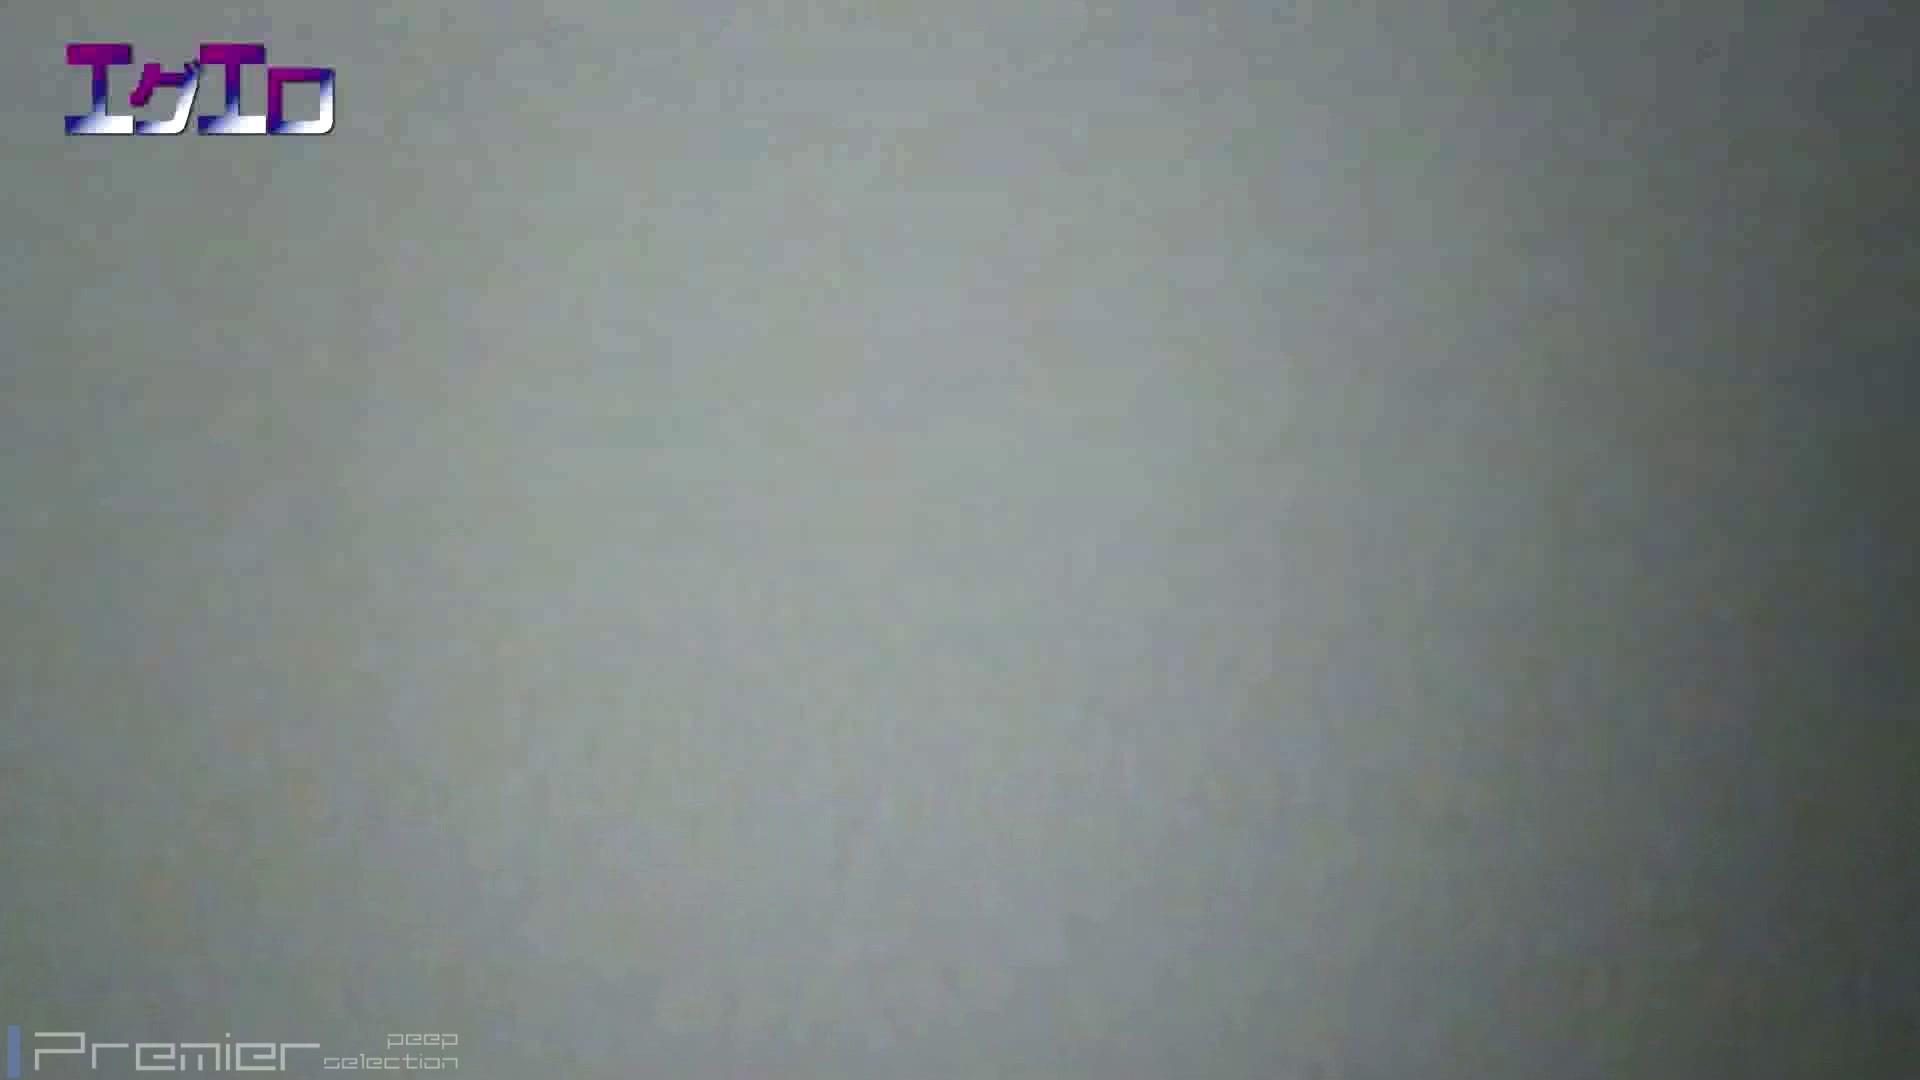 至近距離洗面所 Vol.10ブルージーンズギャルの大放nyo 高評価 ワレメ動画紹介 72画像 63